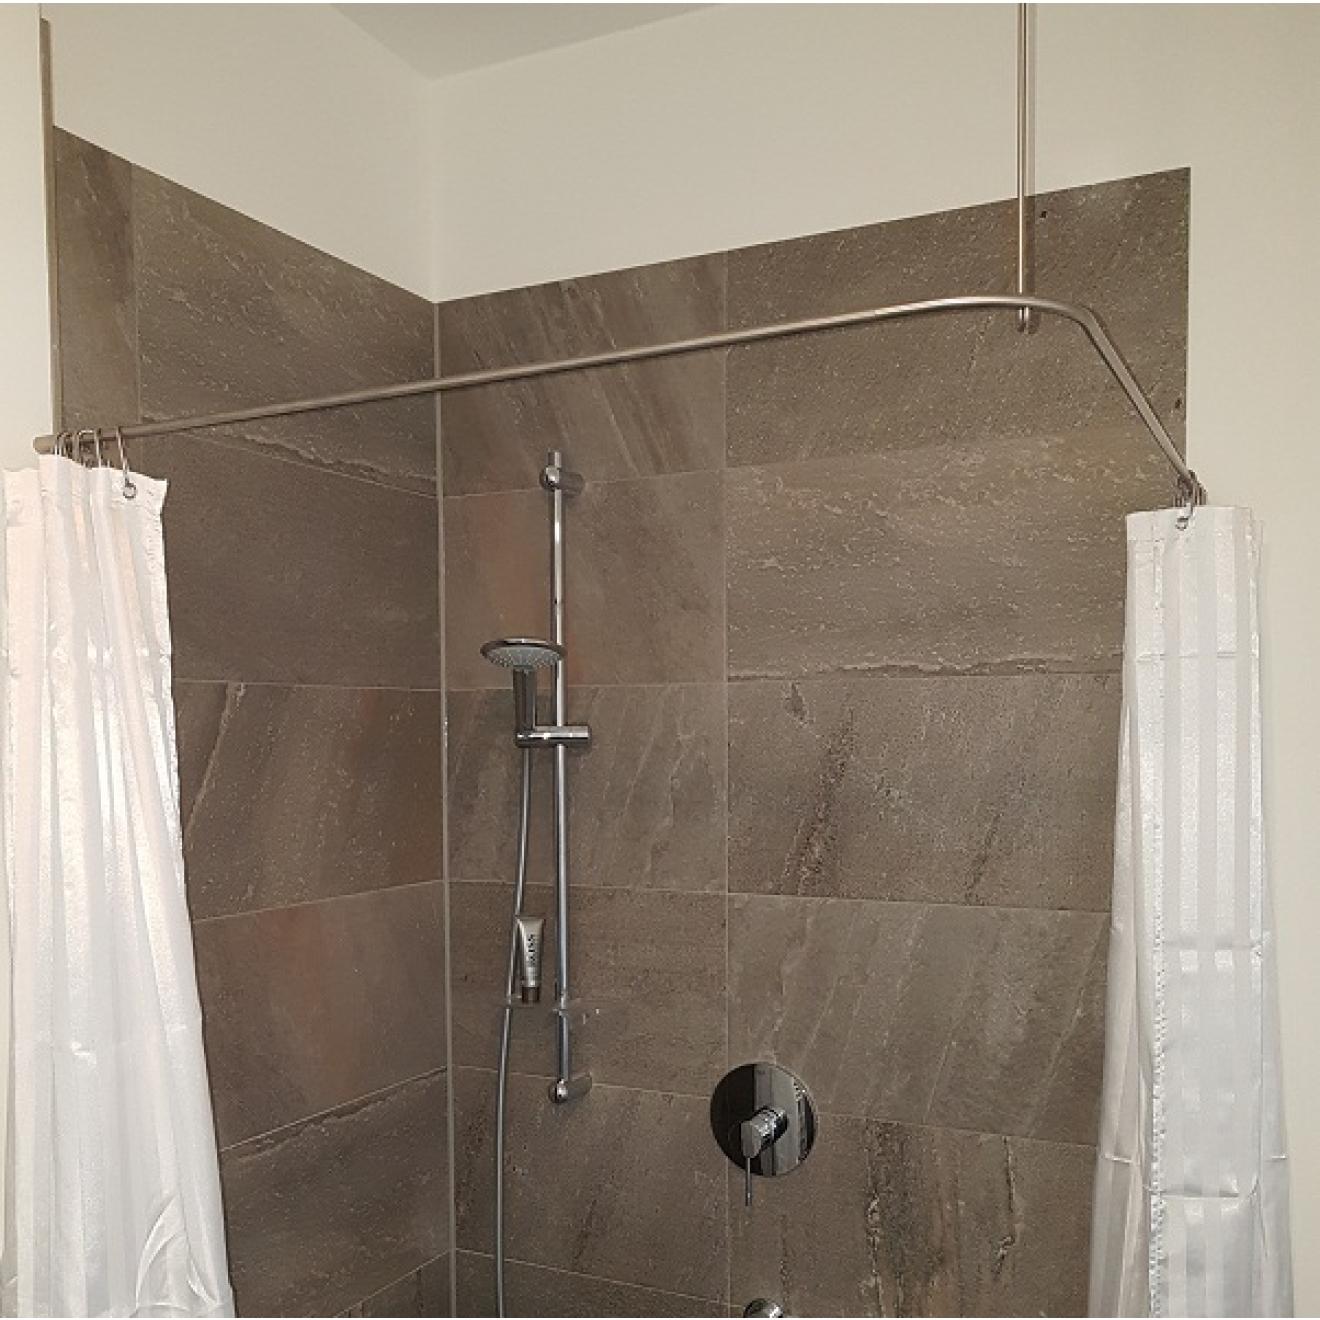 duschvorhangstange edelstahl 10 mm l form von burschberg f r badewanne und dusc. Black Bedroom Furniture Sets. Home Design Ideas